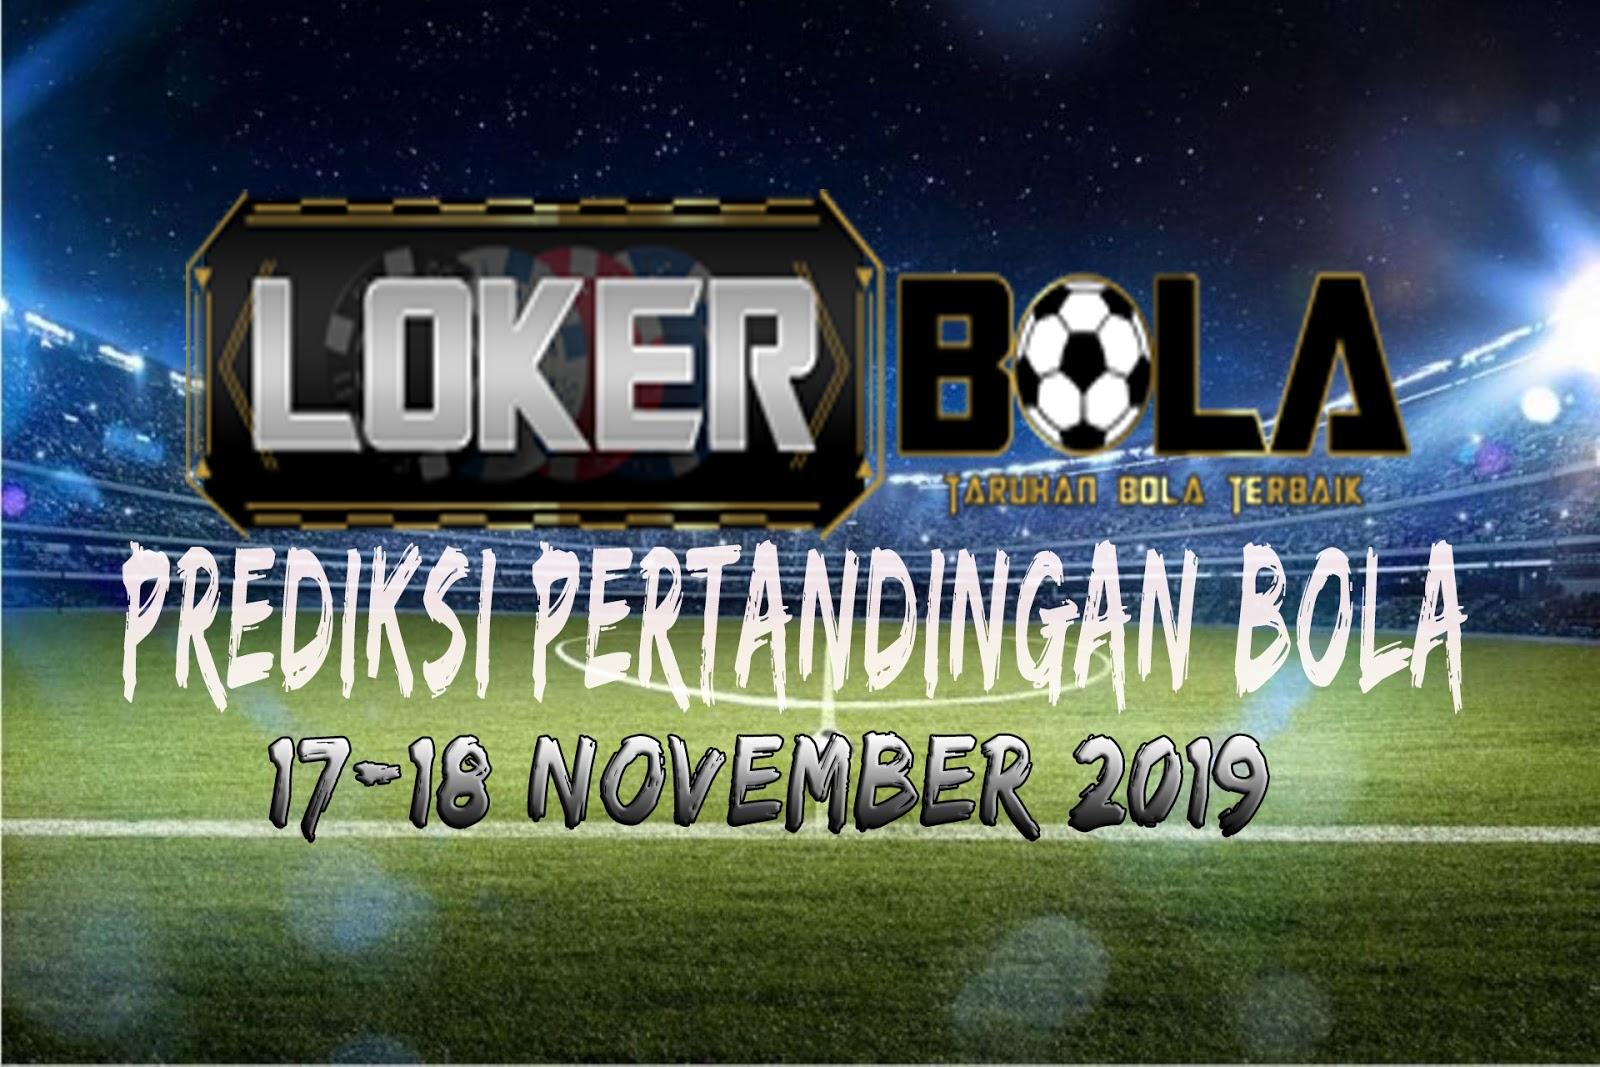 PREDIKSI PERTANDINGAN BOLA 17 – 18 NOVEMBER 2019